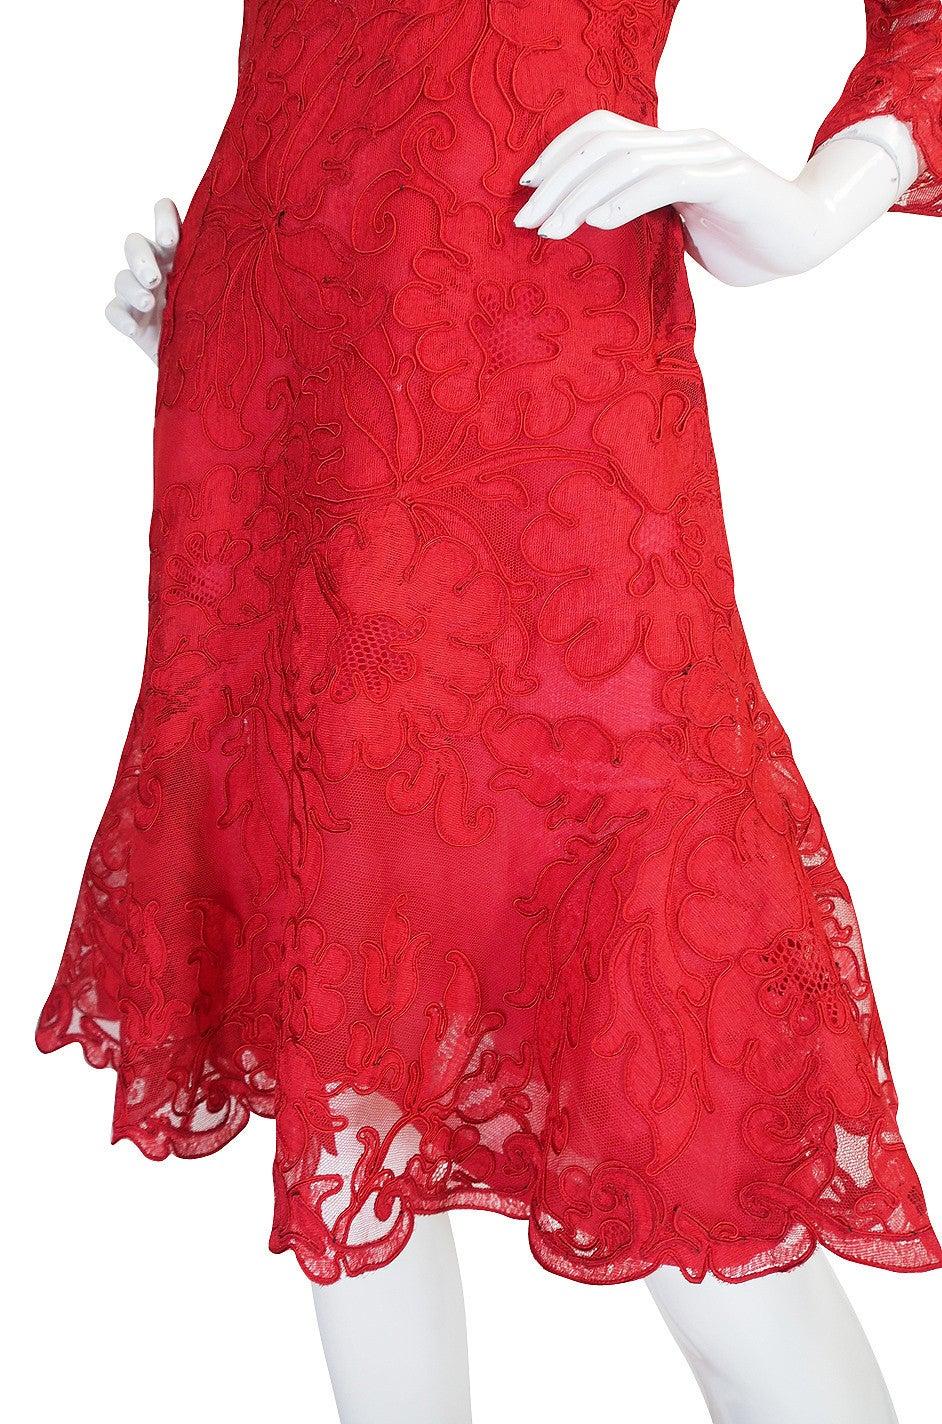 1983 Haute Couture Yves Saint Laurent Lace Dress 8